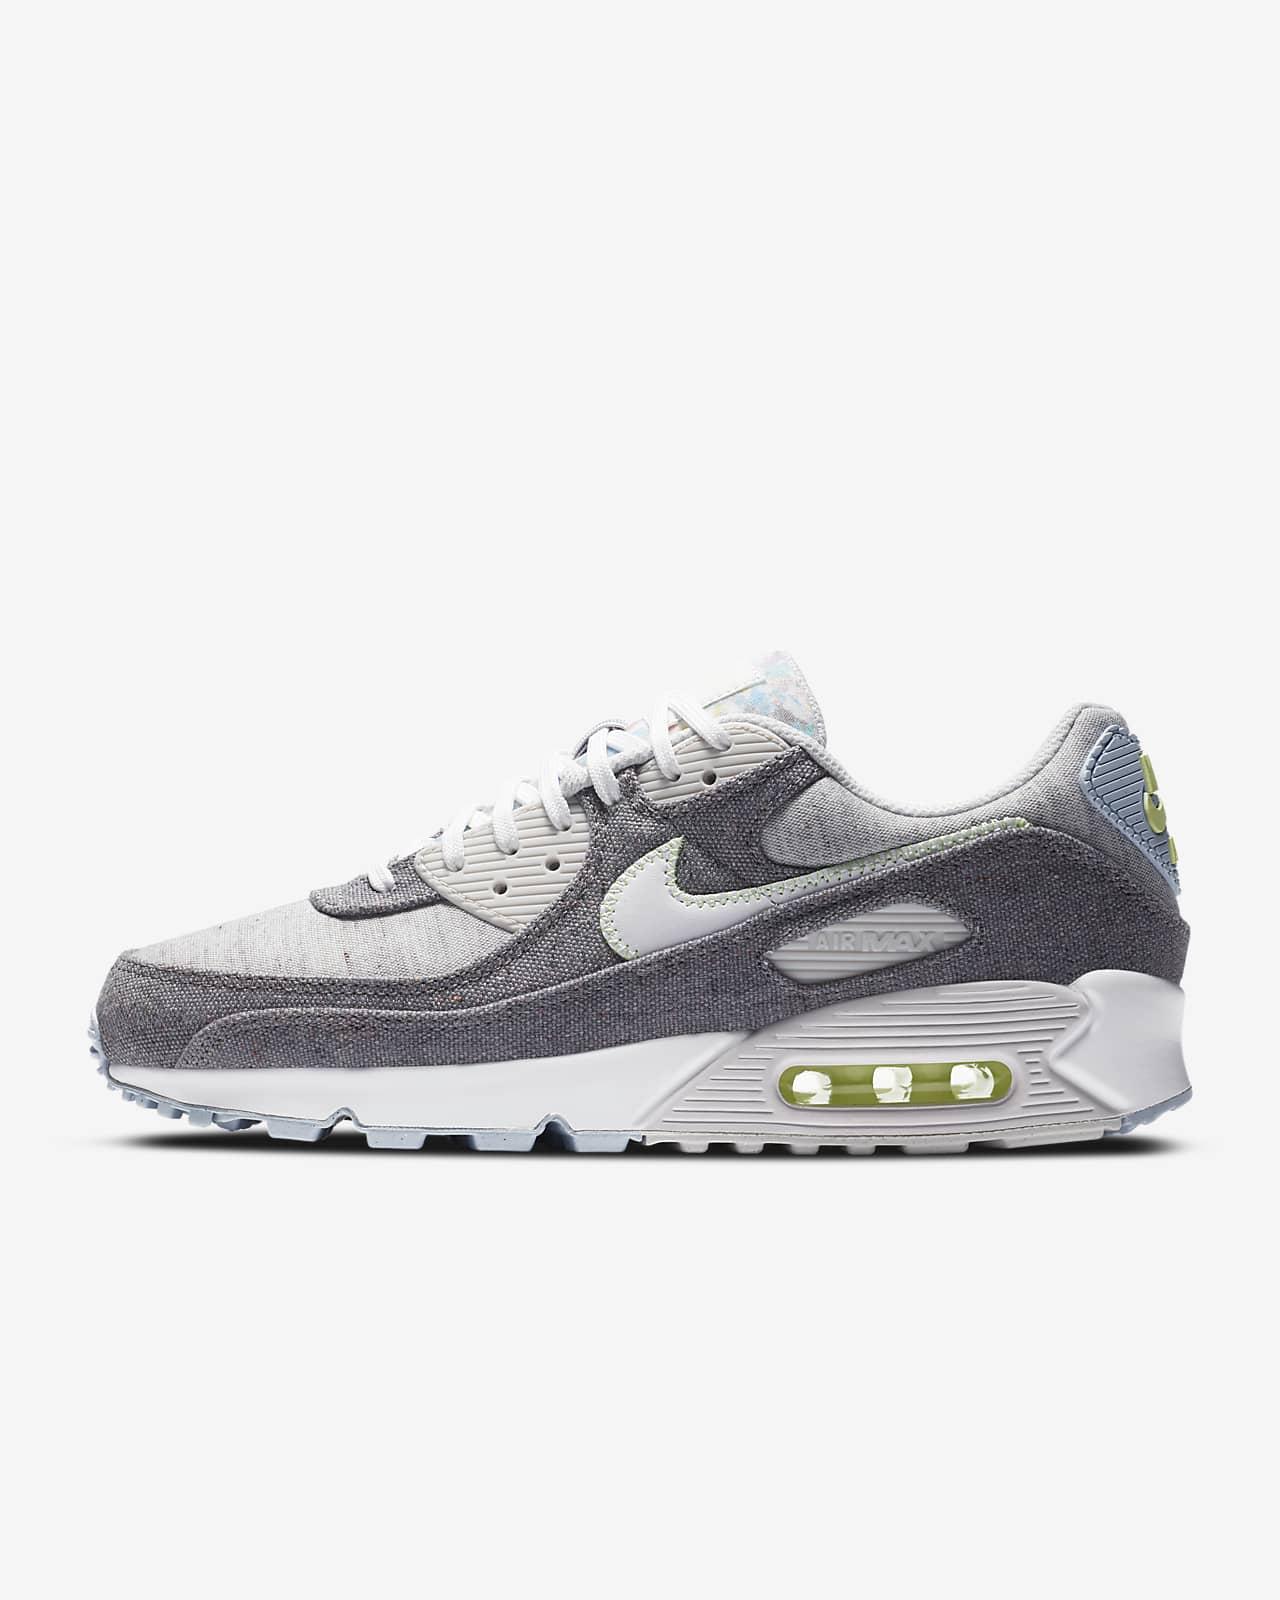 รองเท้าผู้ชาย Nike Air Max 90 NRG